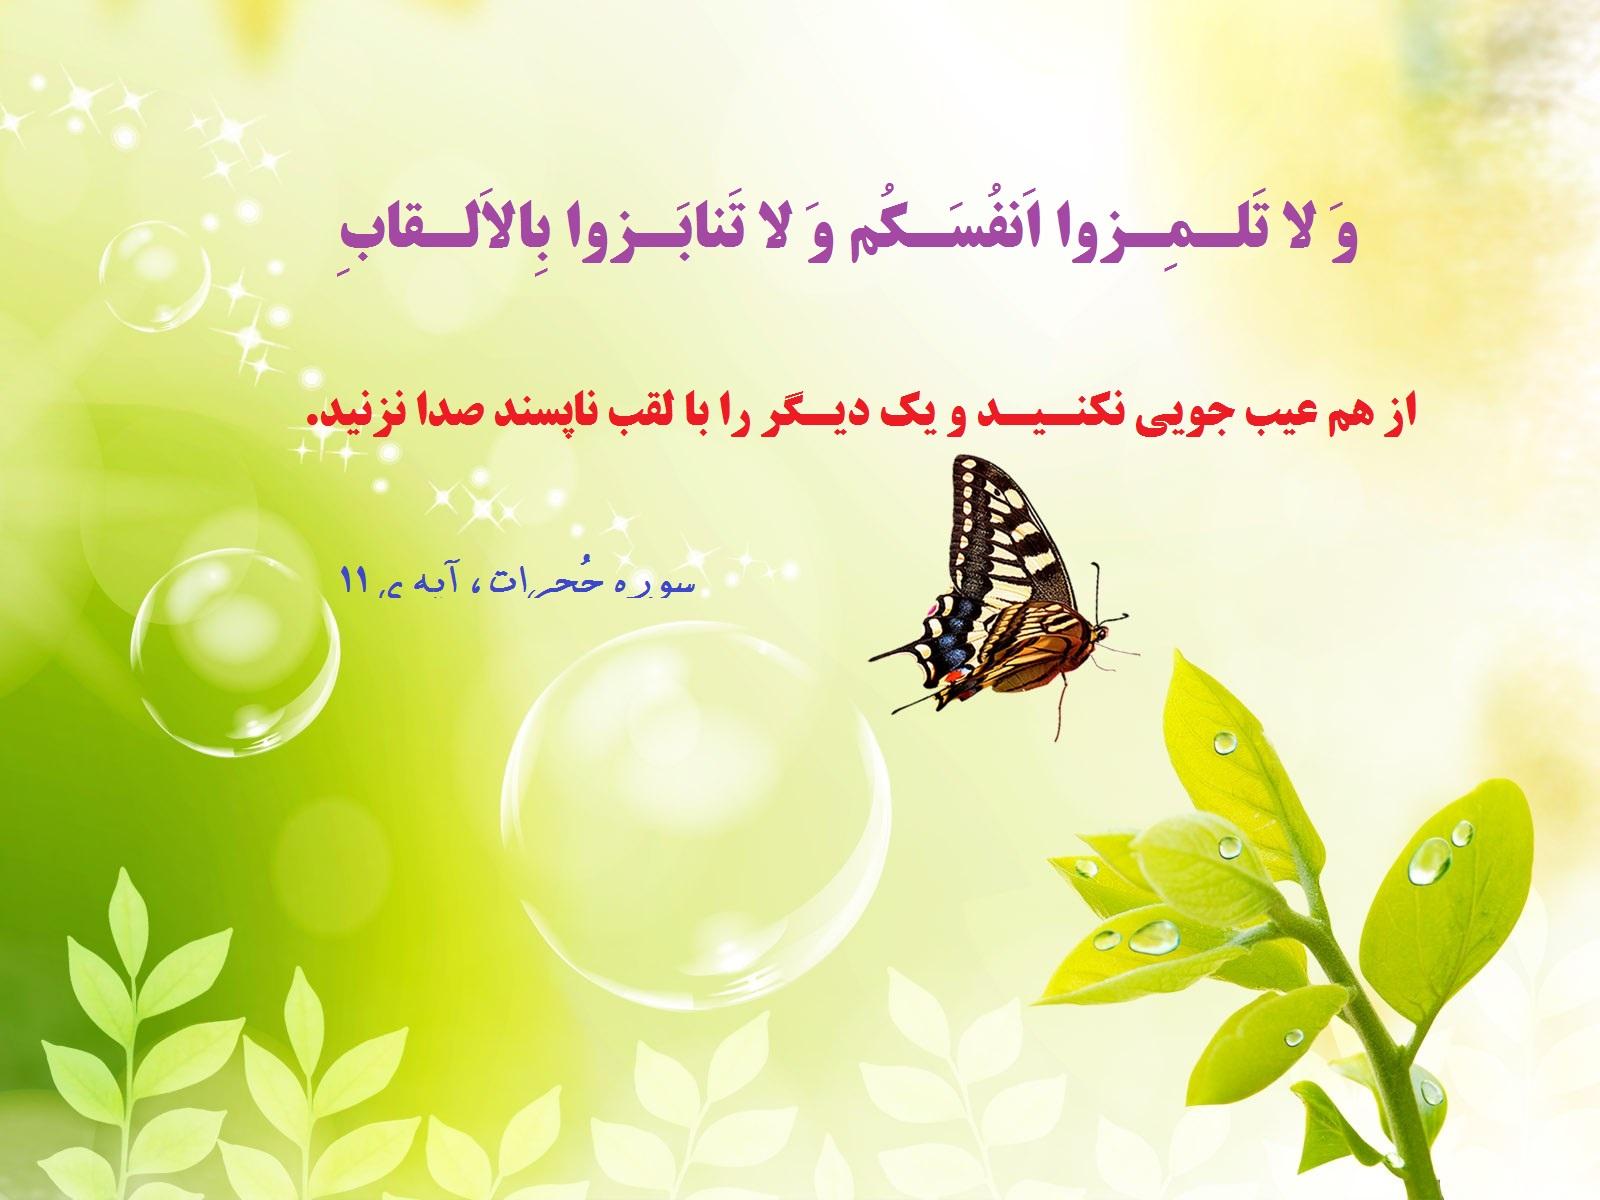 عکسهای قرآنی از آیات جلاله قرآن کریم